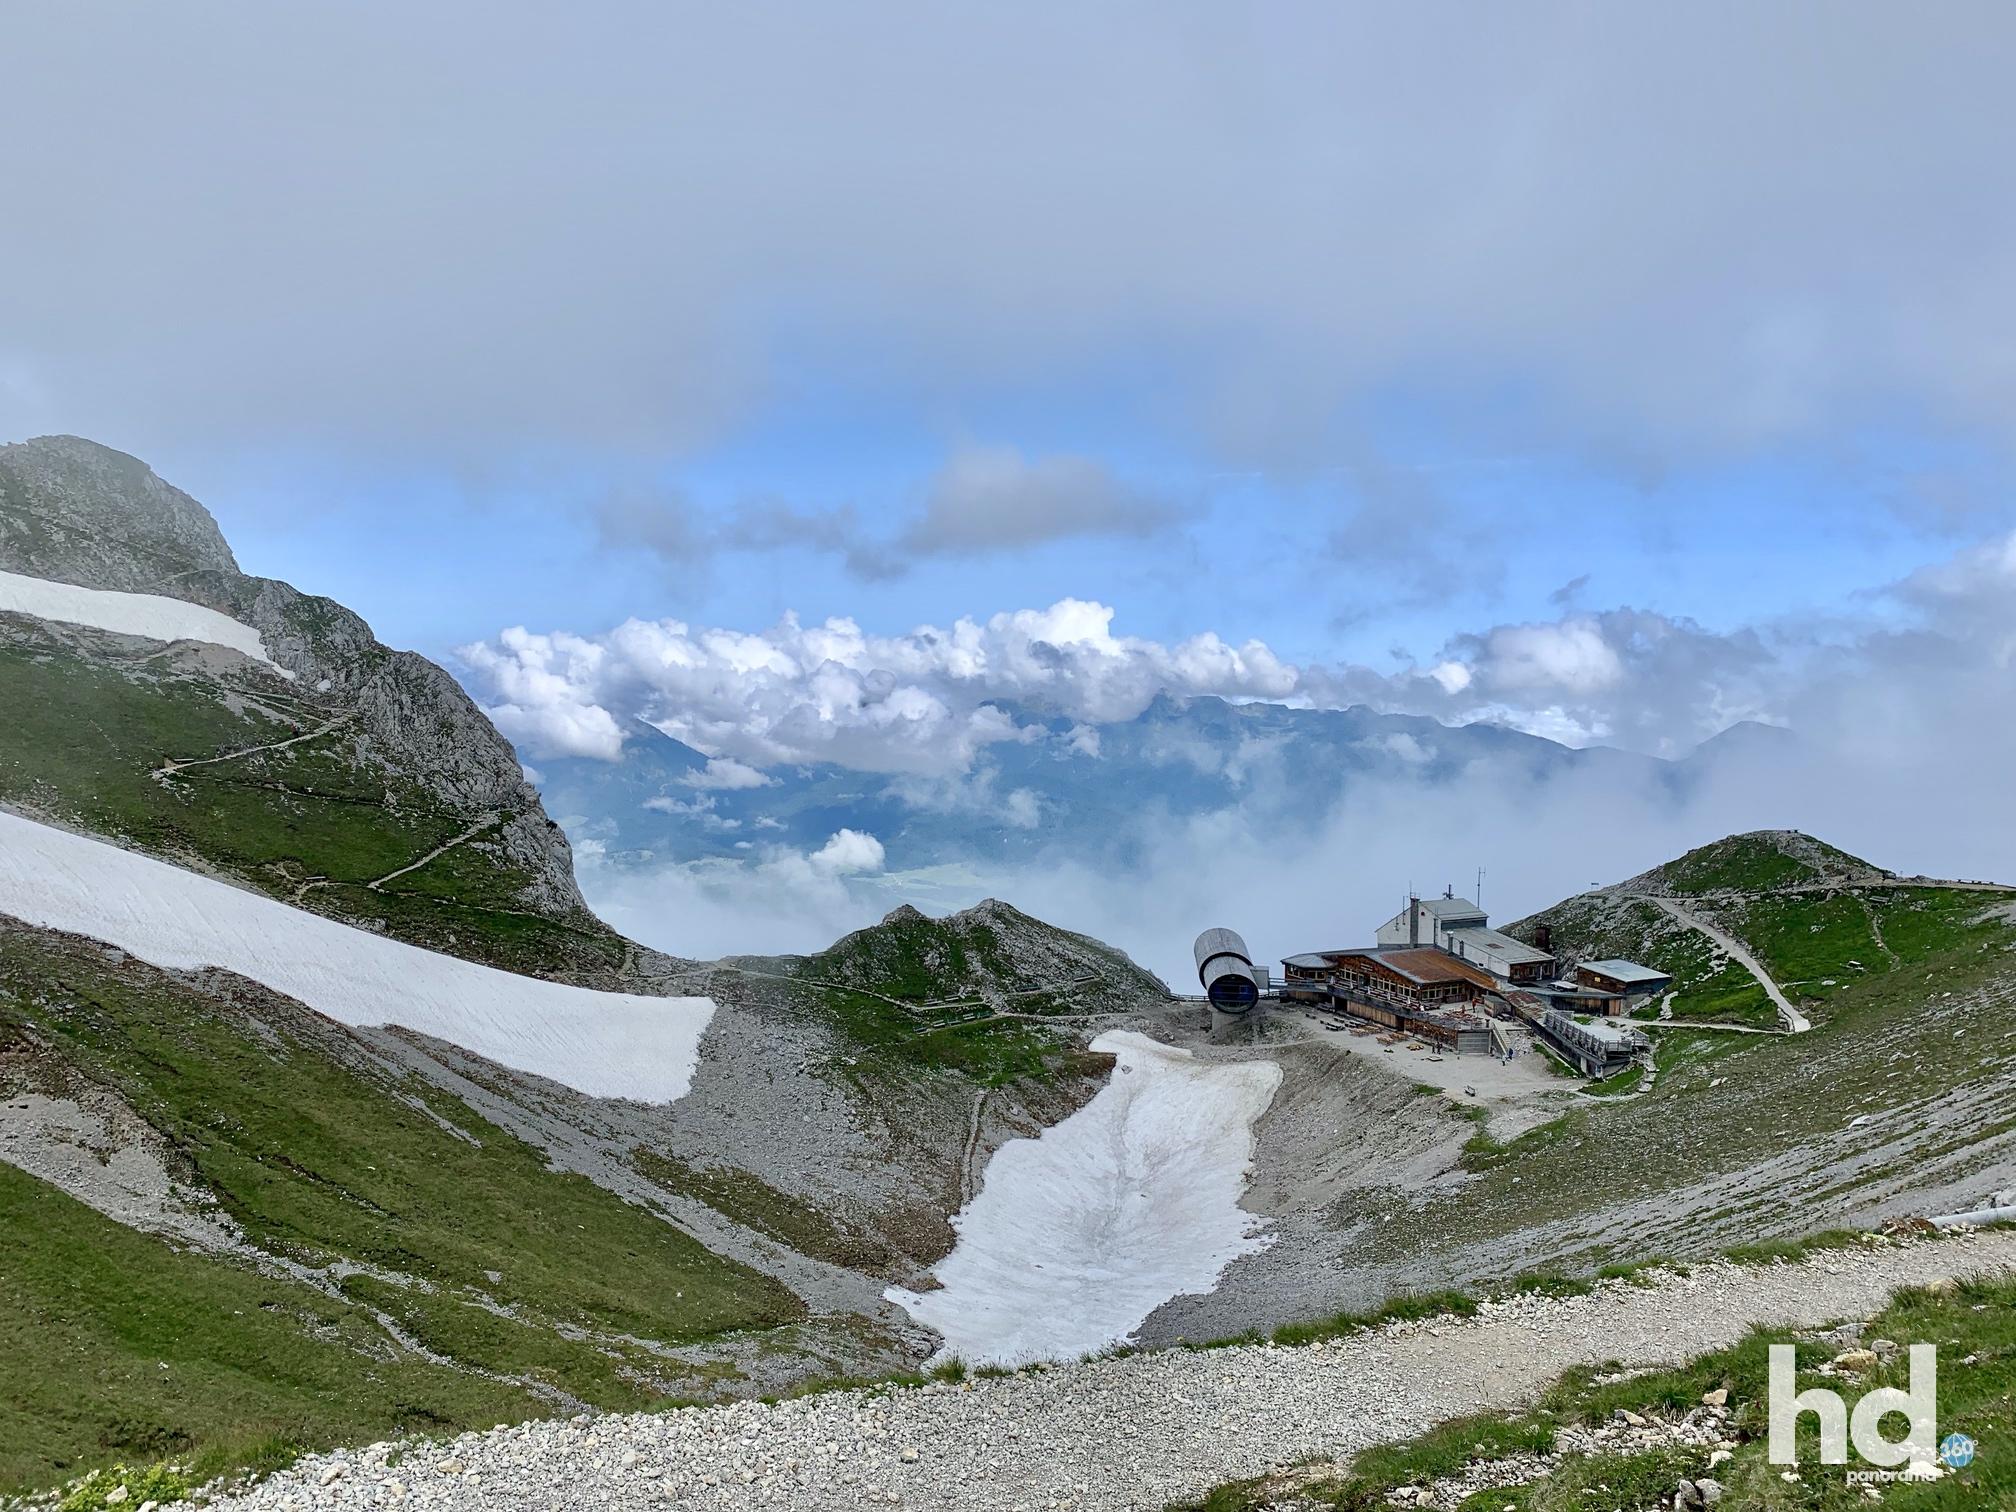 Blick auf die Bergstation mit Aussichtsplattform auf dem westlichen Karwendelspitz, Mittenwald, Foto © HD-Panorama